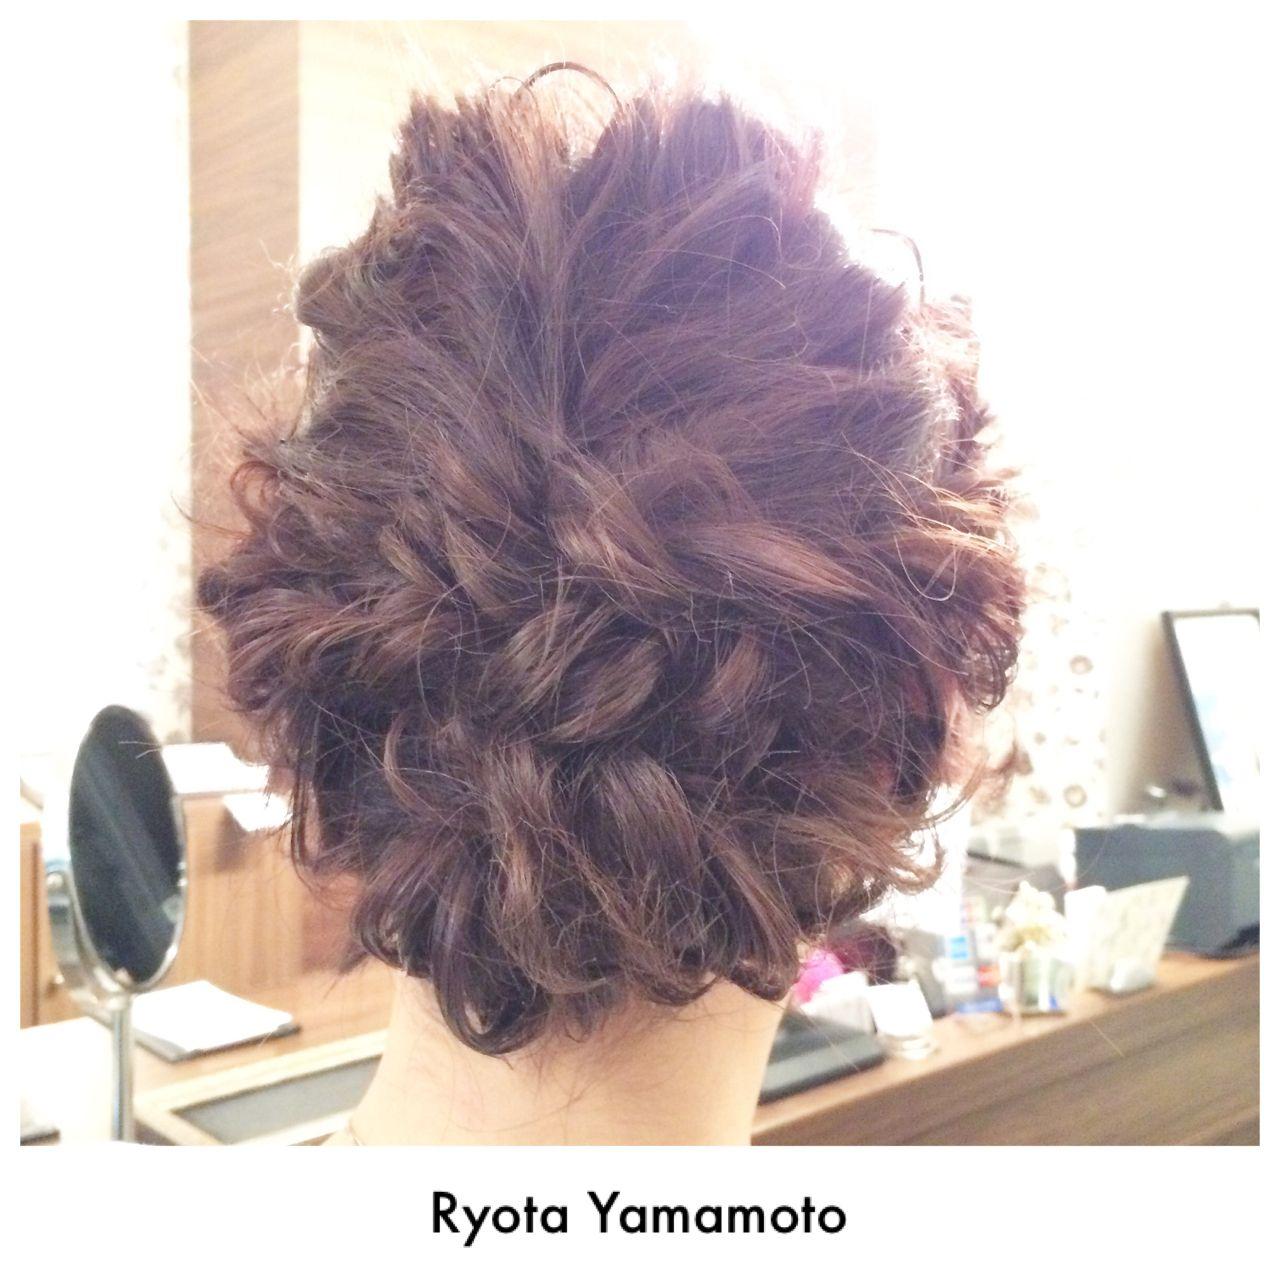 ナチュラル ゆるふわ ロング ウェーブ ヘアスタイルや髪型の写真・画像 | Ryota Yamamoto Daisy / Daisy